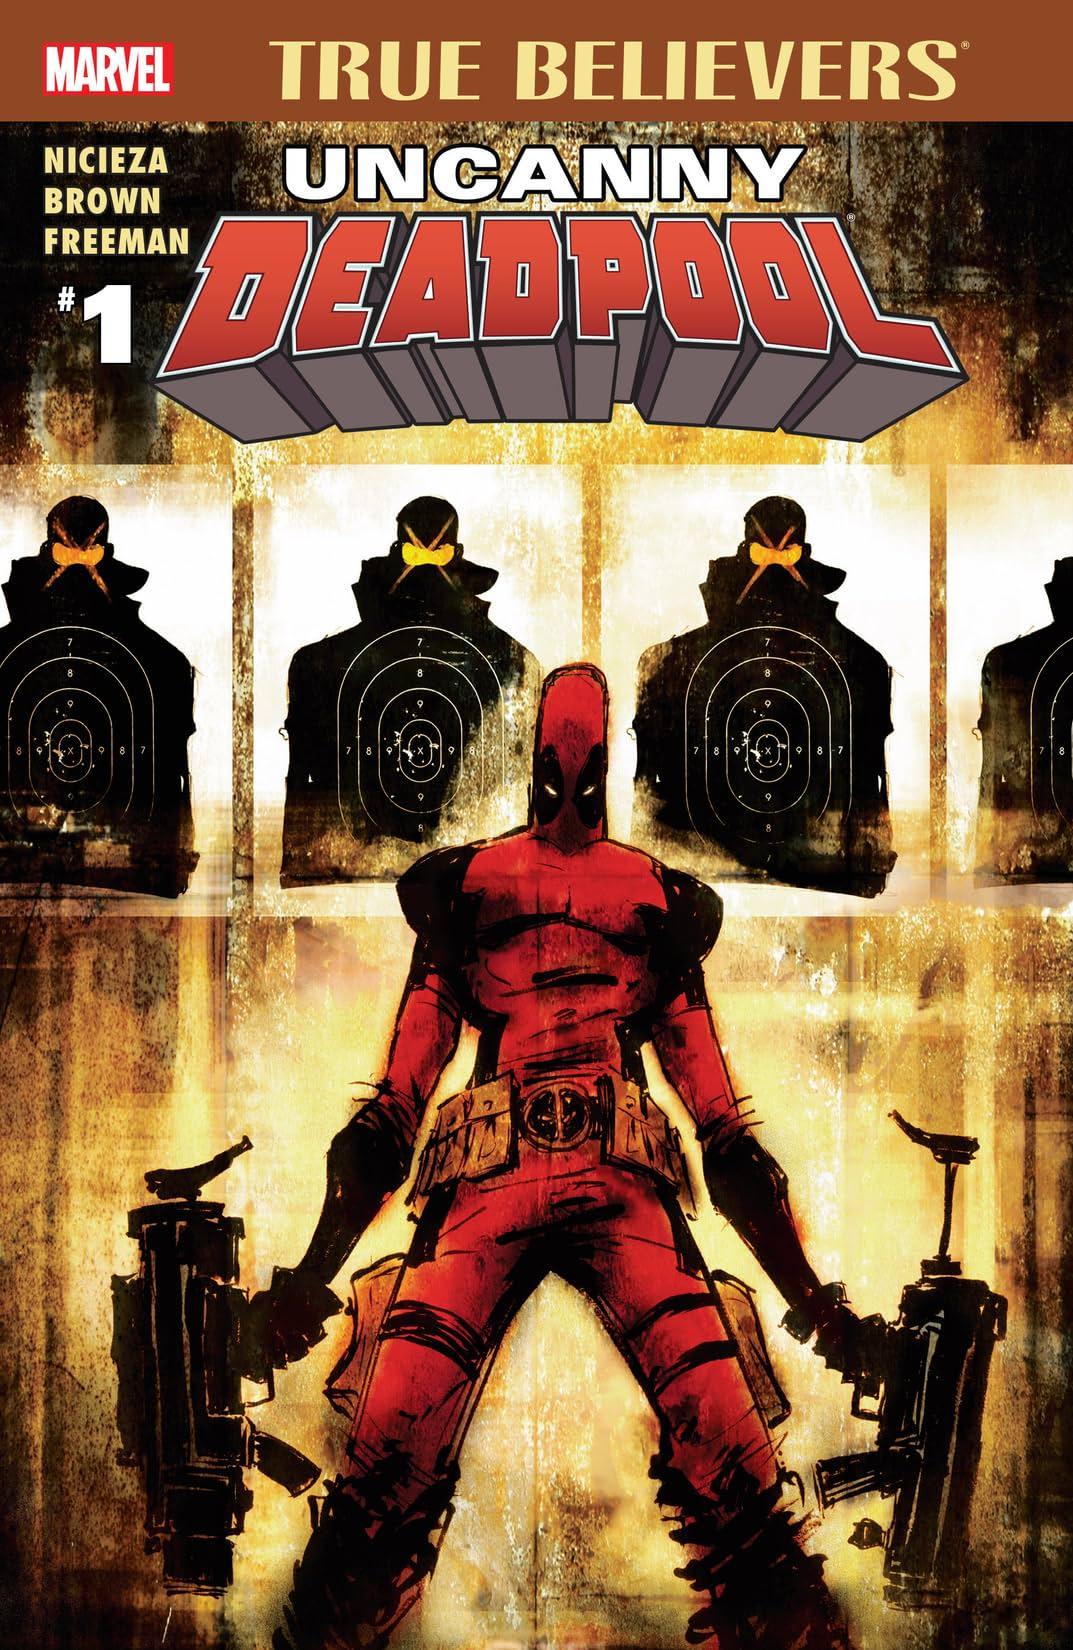 True Believers: Uncanny Deadpool #1